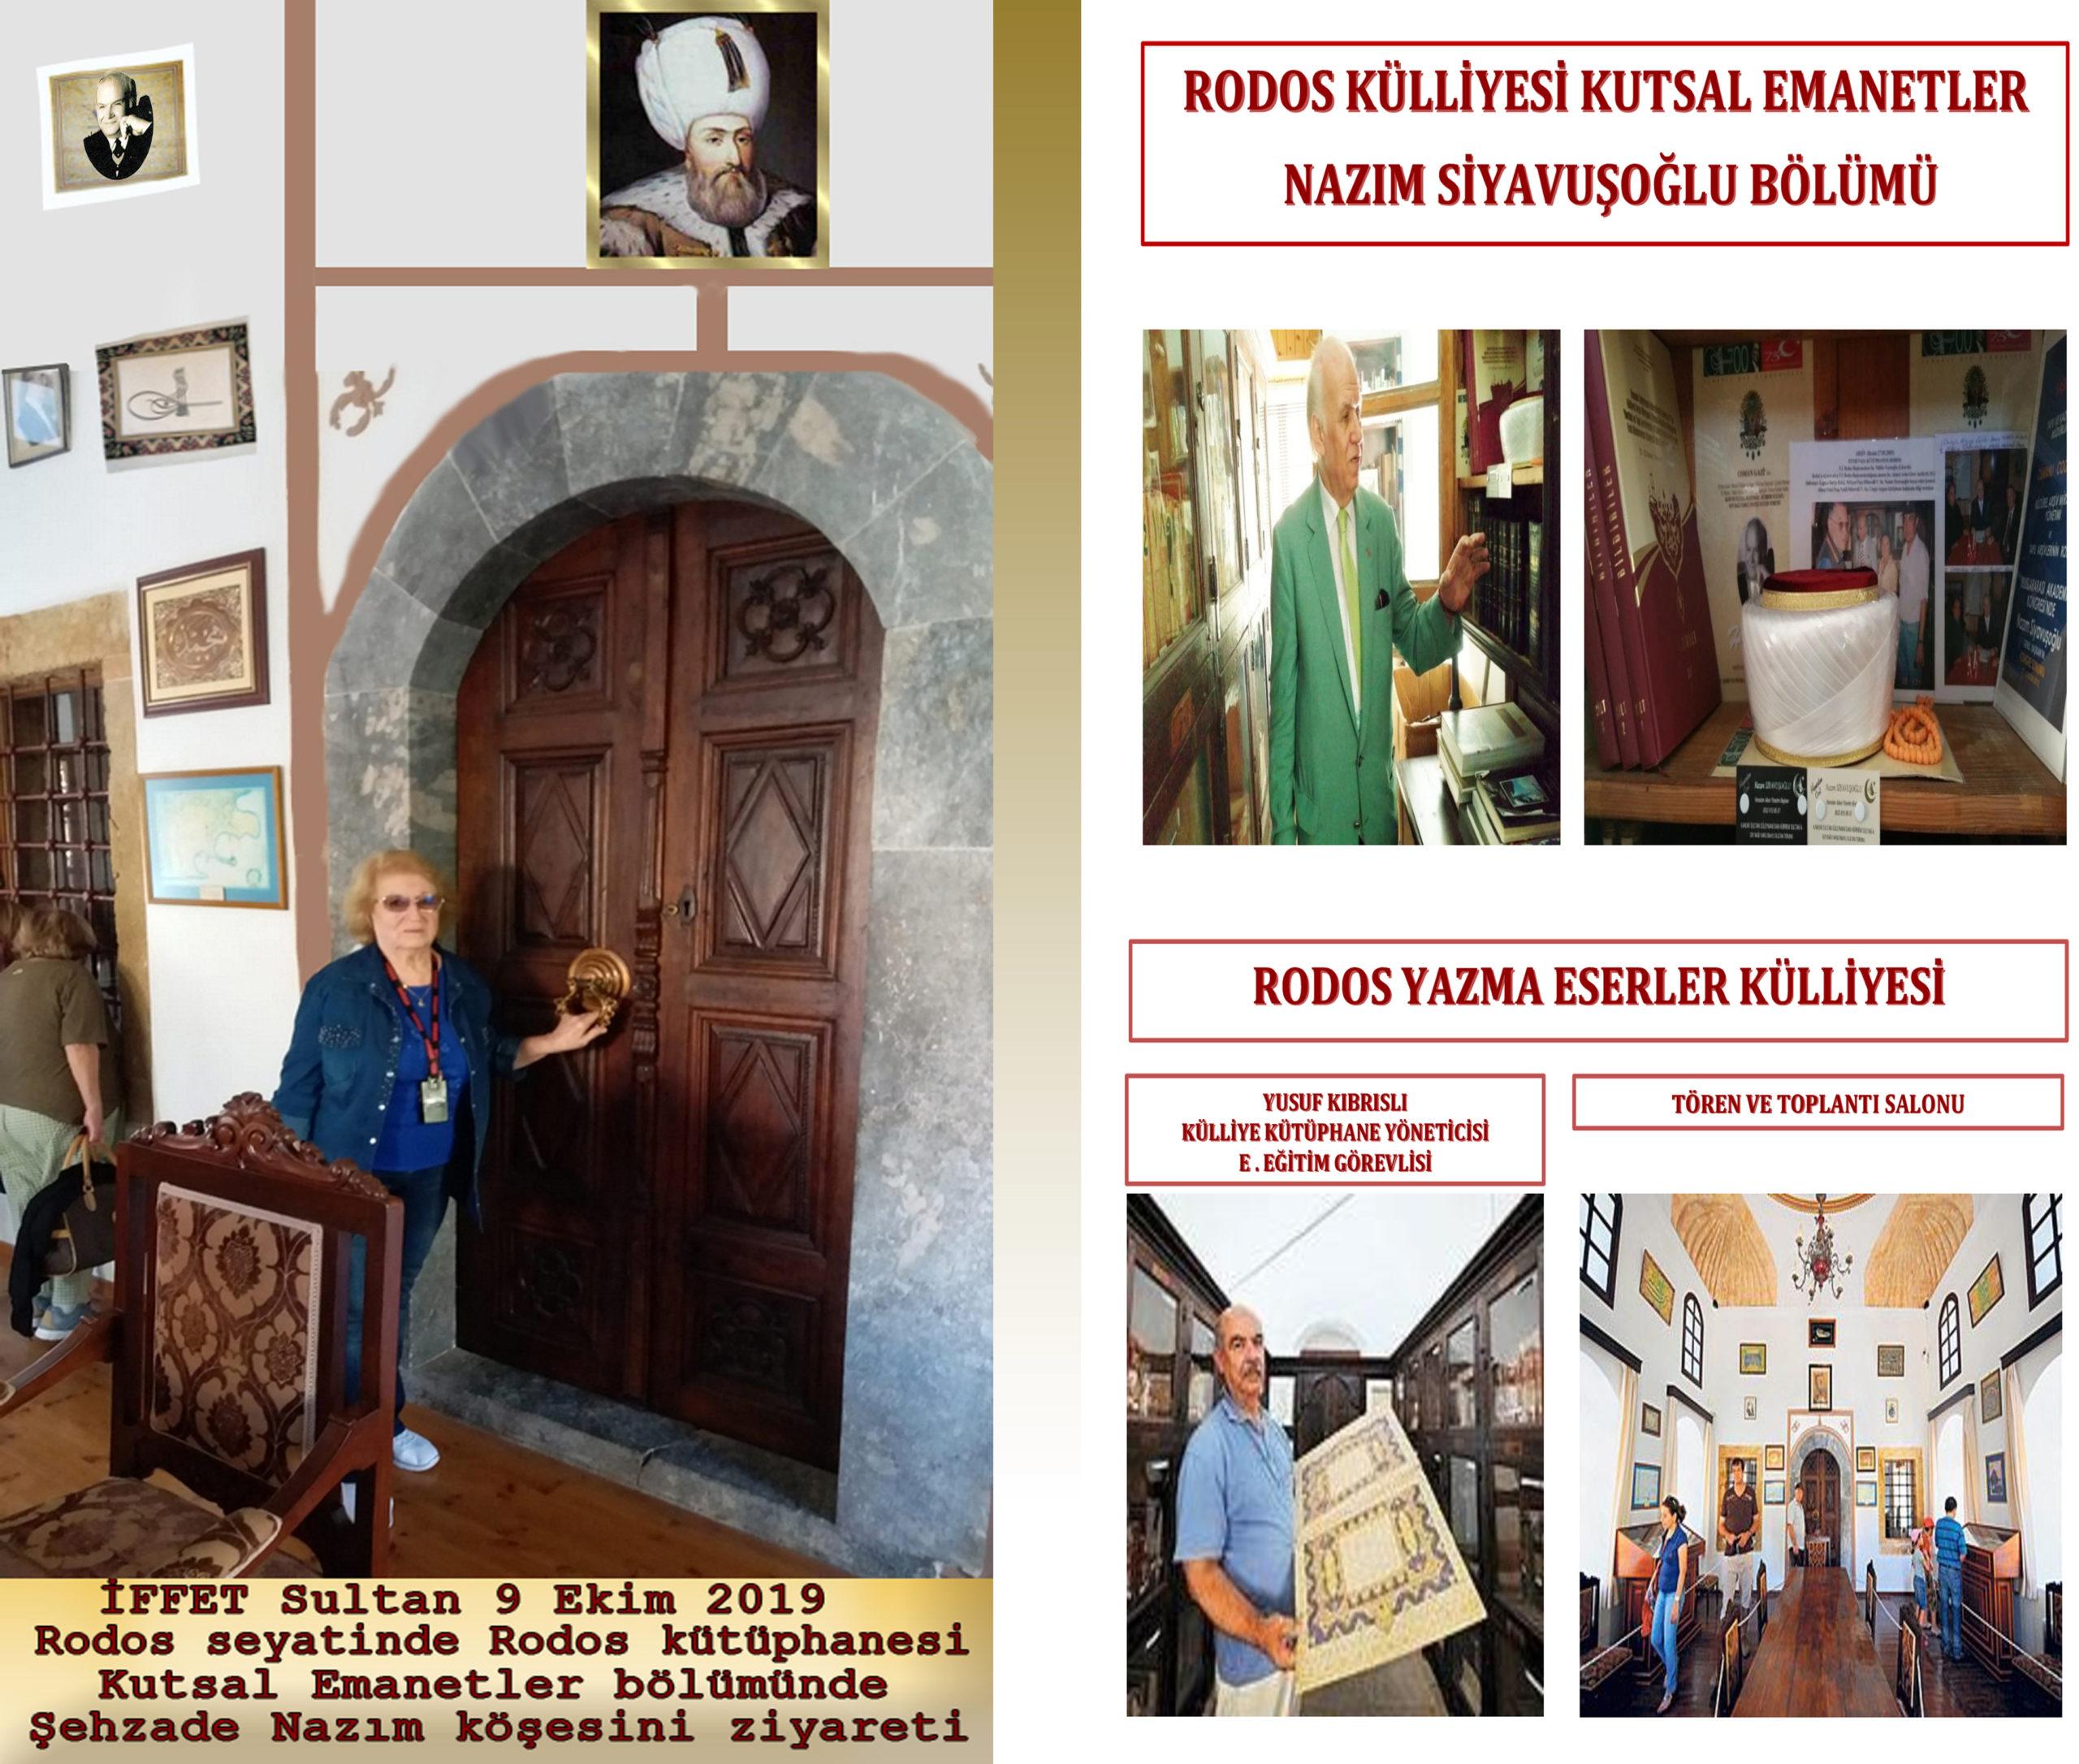 İFFET Sultan 9 Ekim 2019 RODOS seyahatinde RODOS Kütüphanesi KUTSAL Emanetler bölümünde kardeşi Şehzade Nazım Siyavuşoğlu köşesini ziyareti